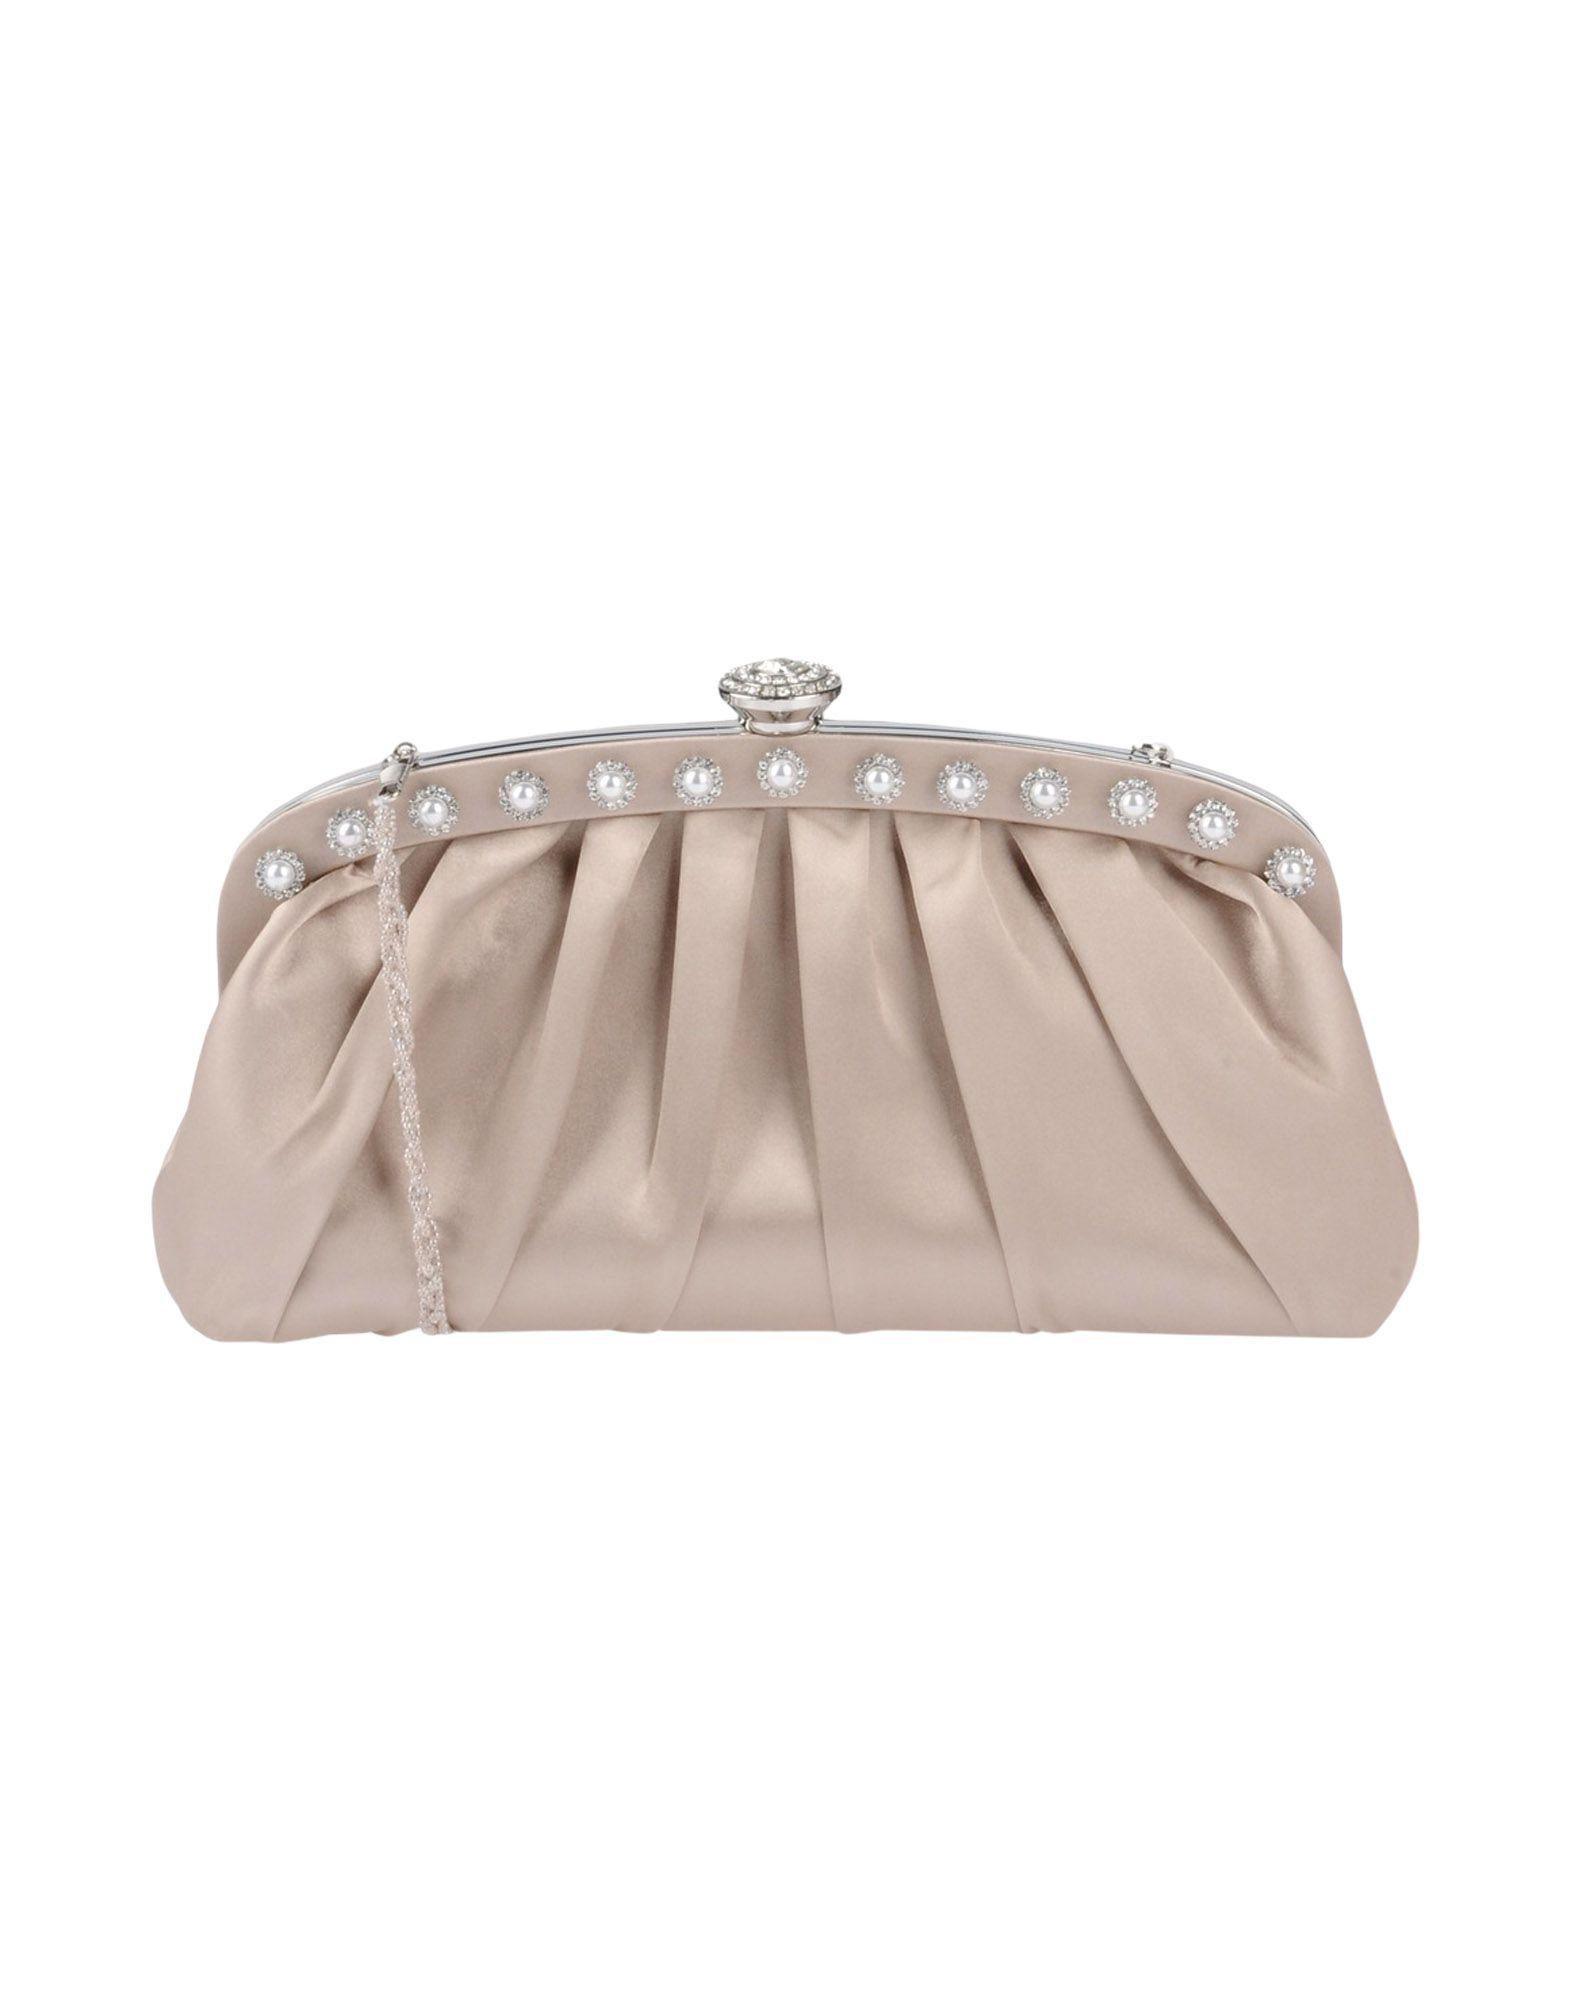 《送料無料》NINA レディース ハンドバッグ ベージュ 紡績繊維